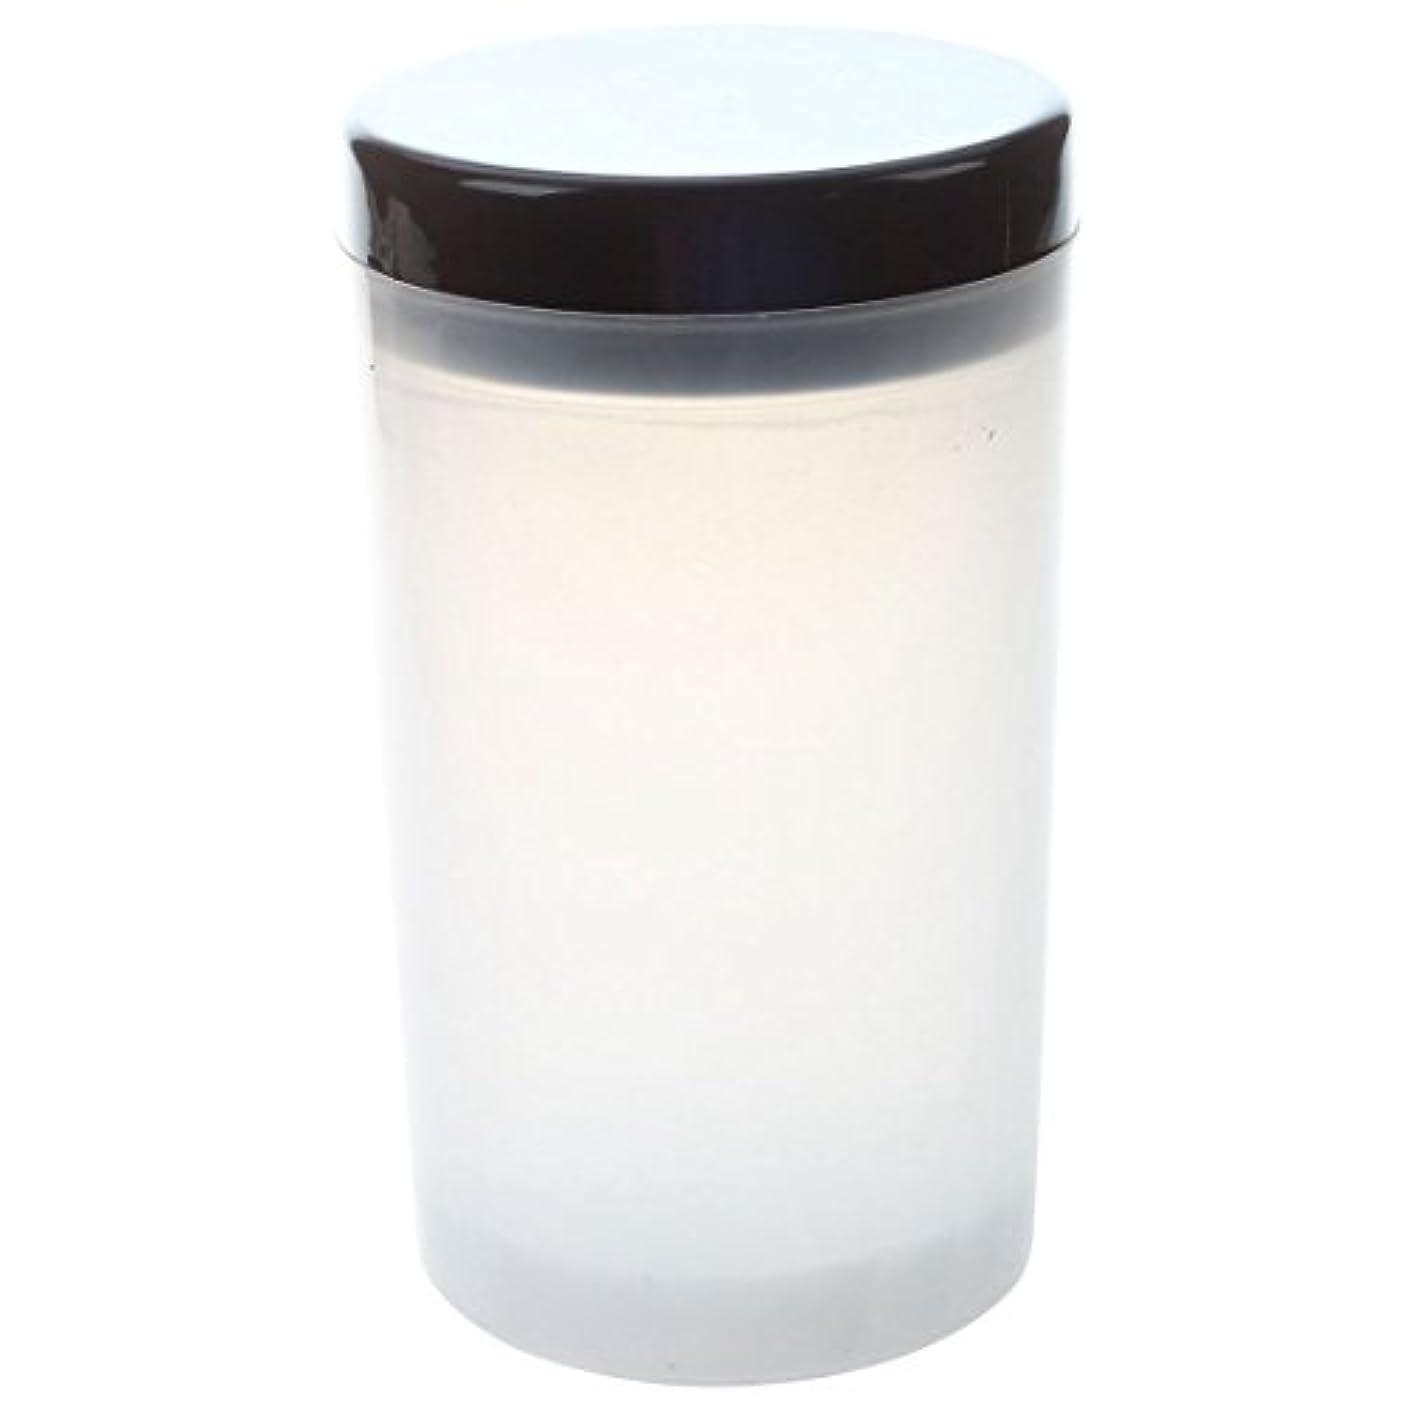 謎検索エンジン最適化カテゴリーXigeapg ネイルアートチップブラシホルダー リムーバーカップカップ浸漬ブラシ クリーナーボトル